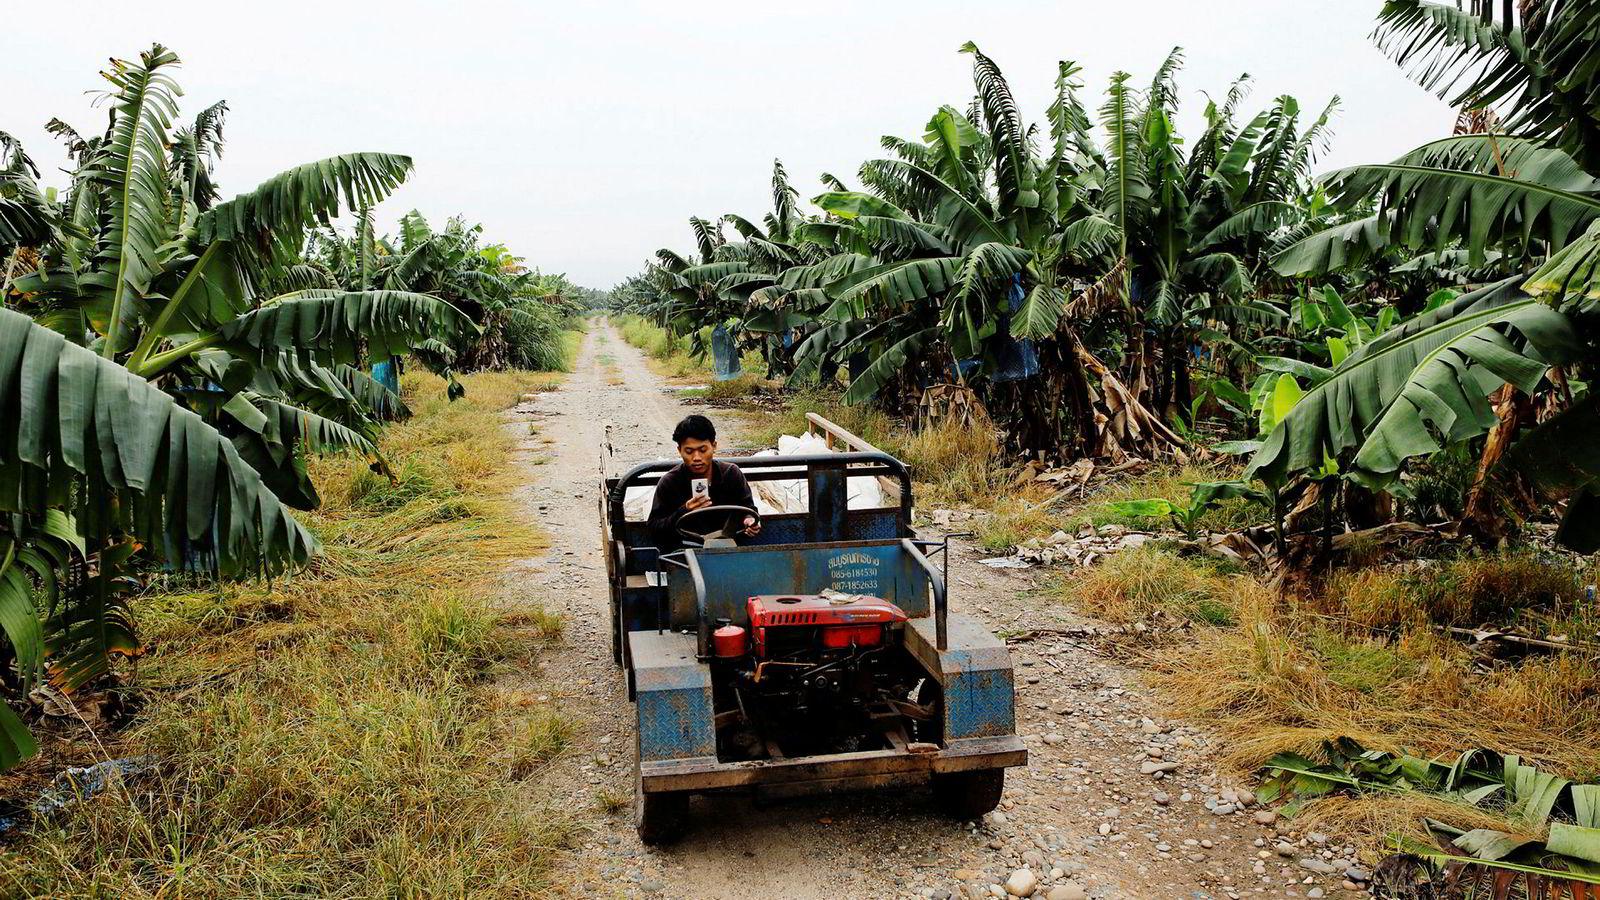 Kinesiske selskaper ekspanderer til Sørøst-Asia og Sentral-Asia som en del av den «nye Silkeveien». I Laos har kinesiske investorer etablert noen av verdens største bananplantasjer for å selge til Kina. Små produsenter makter ikke å konkurrere.